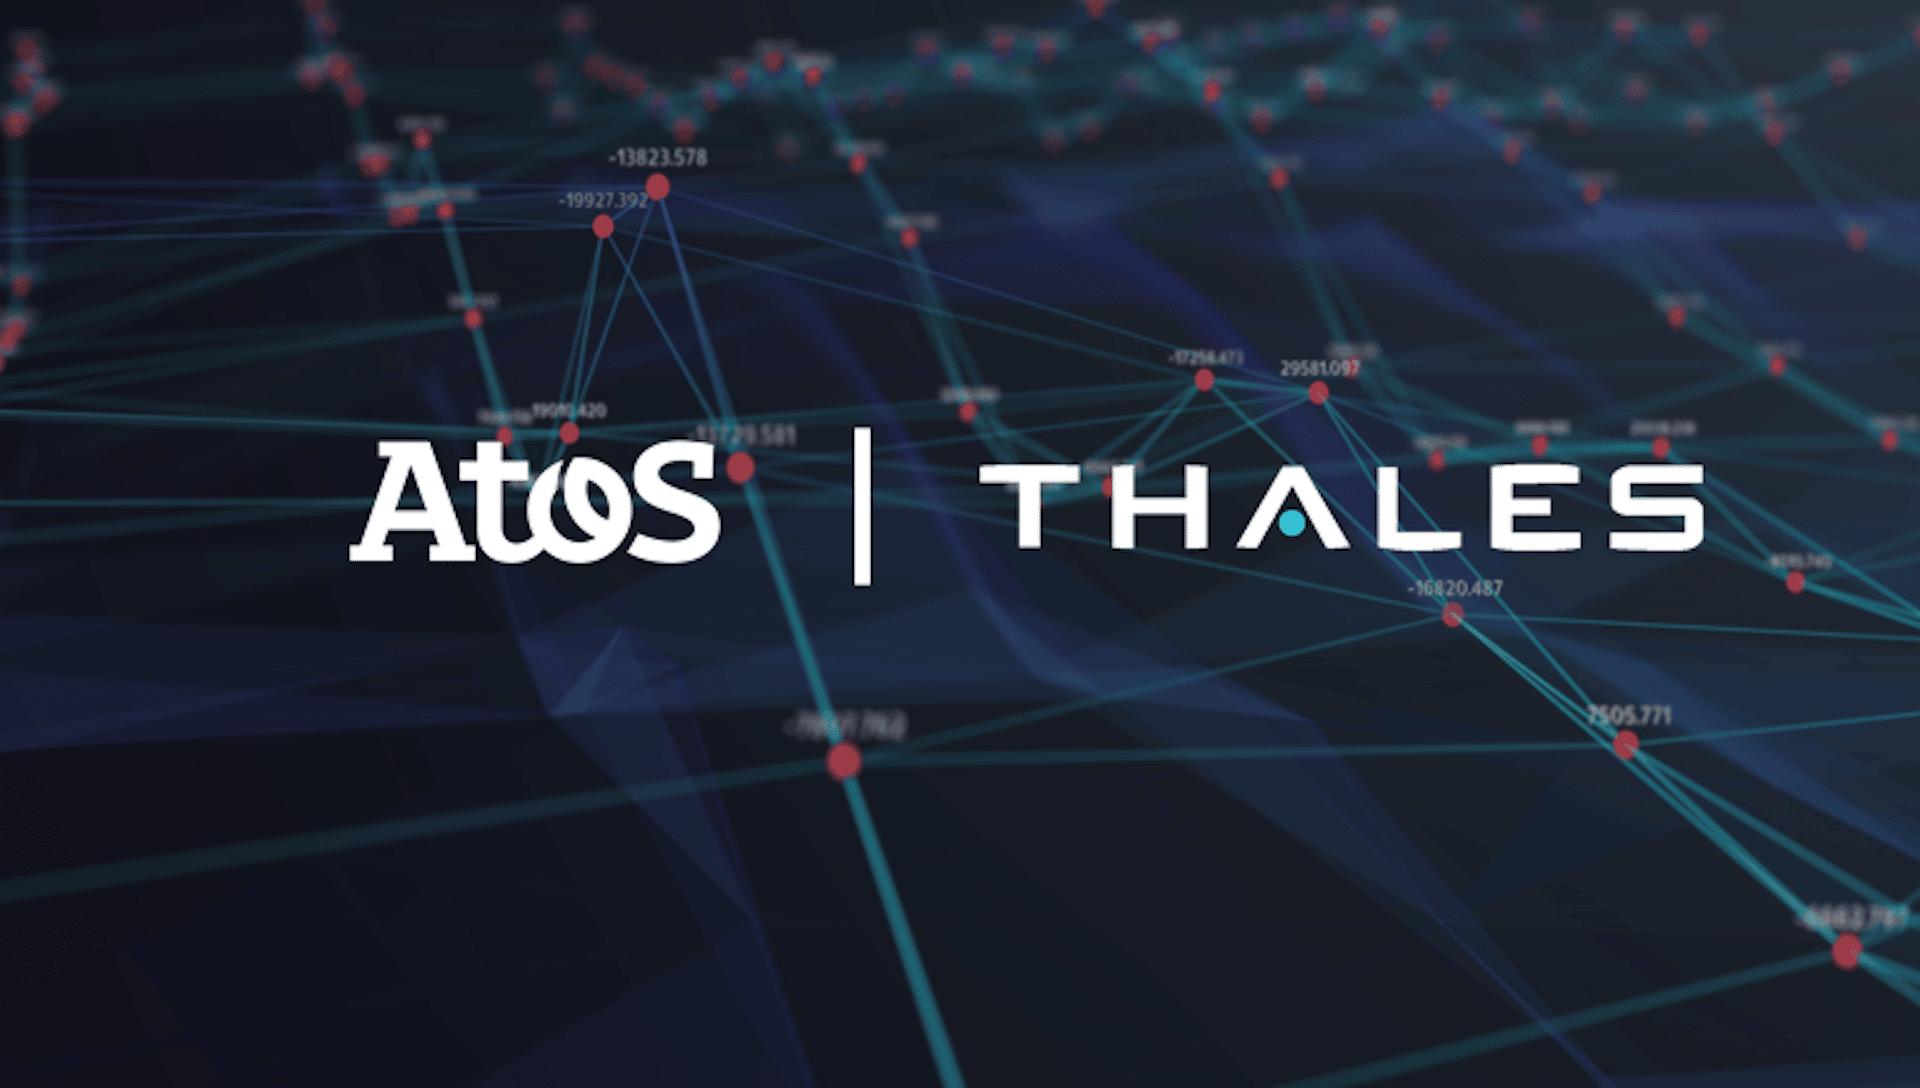 Thales et Atos s'allient pour créer un géant européen du big data et de l'IA